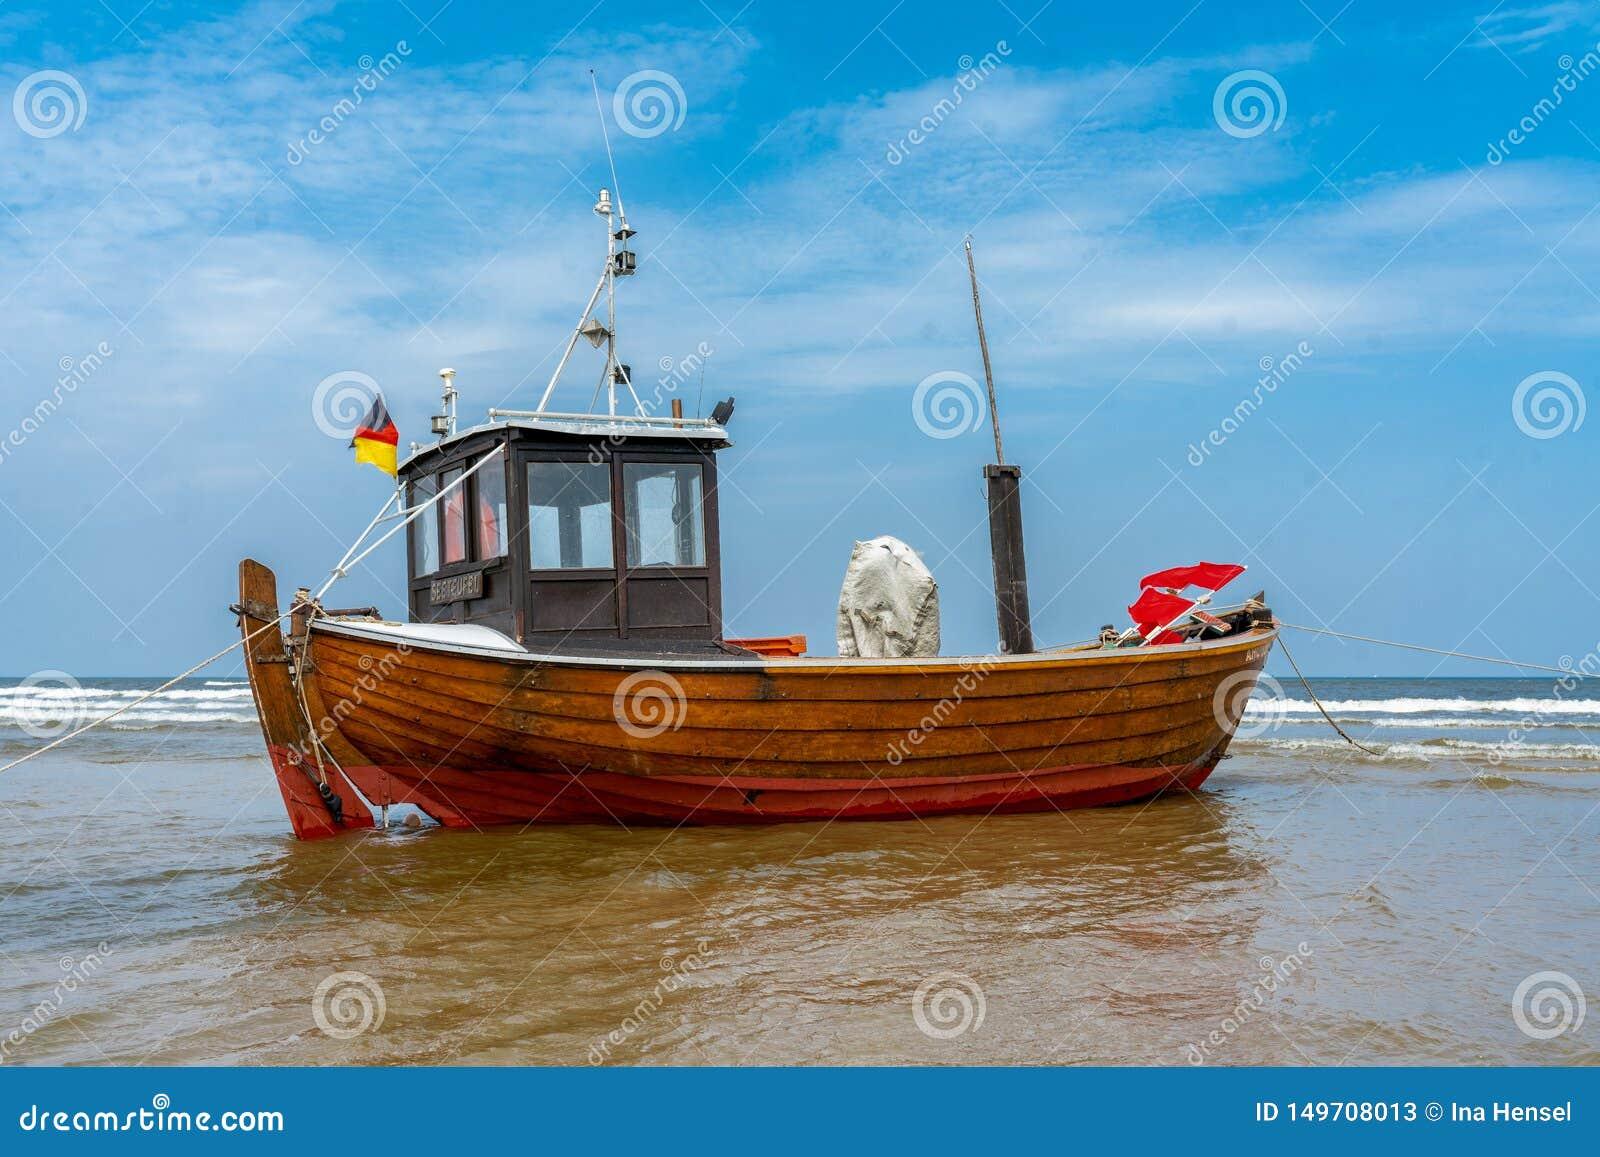 Fiskebåt på stranden på lågvatten